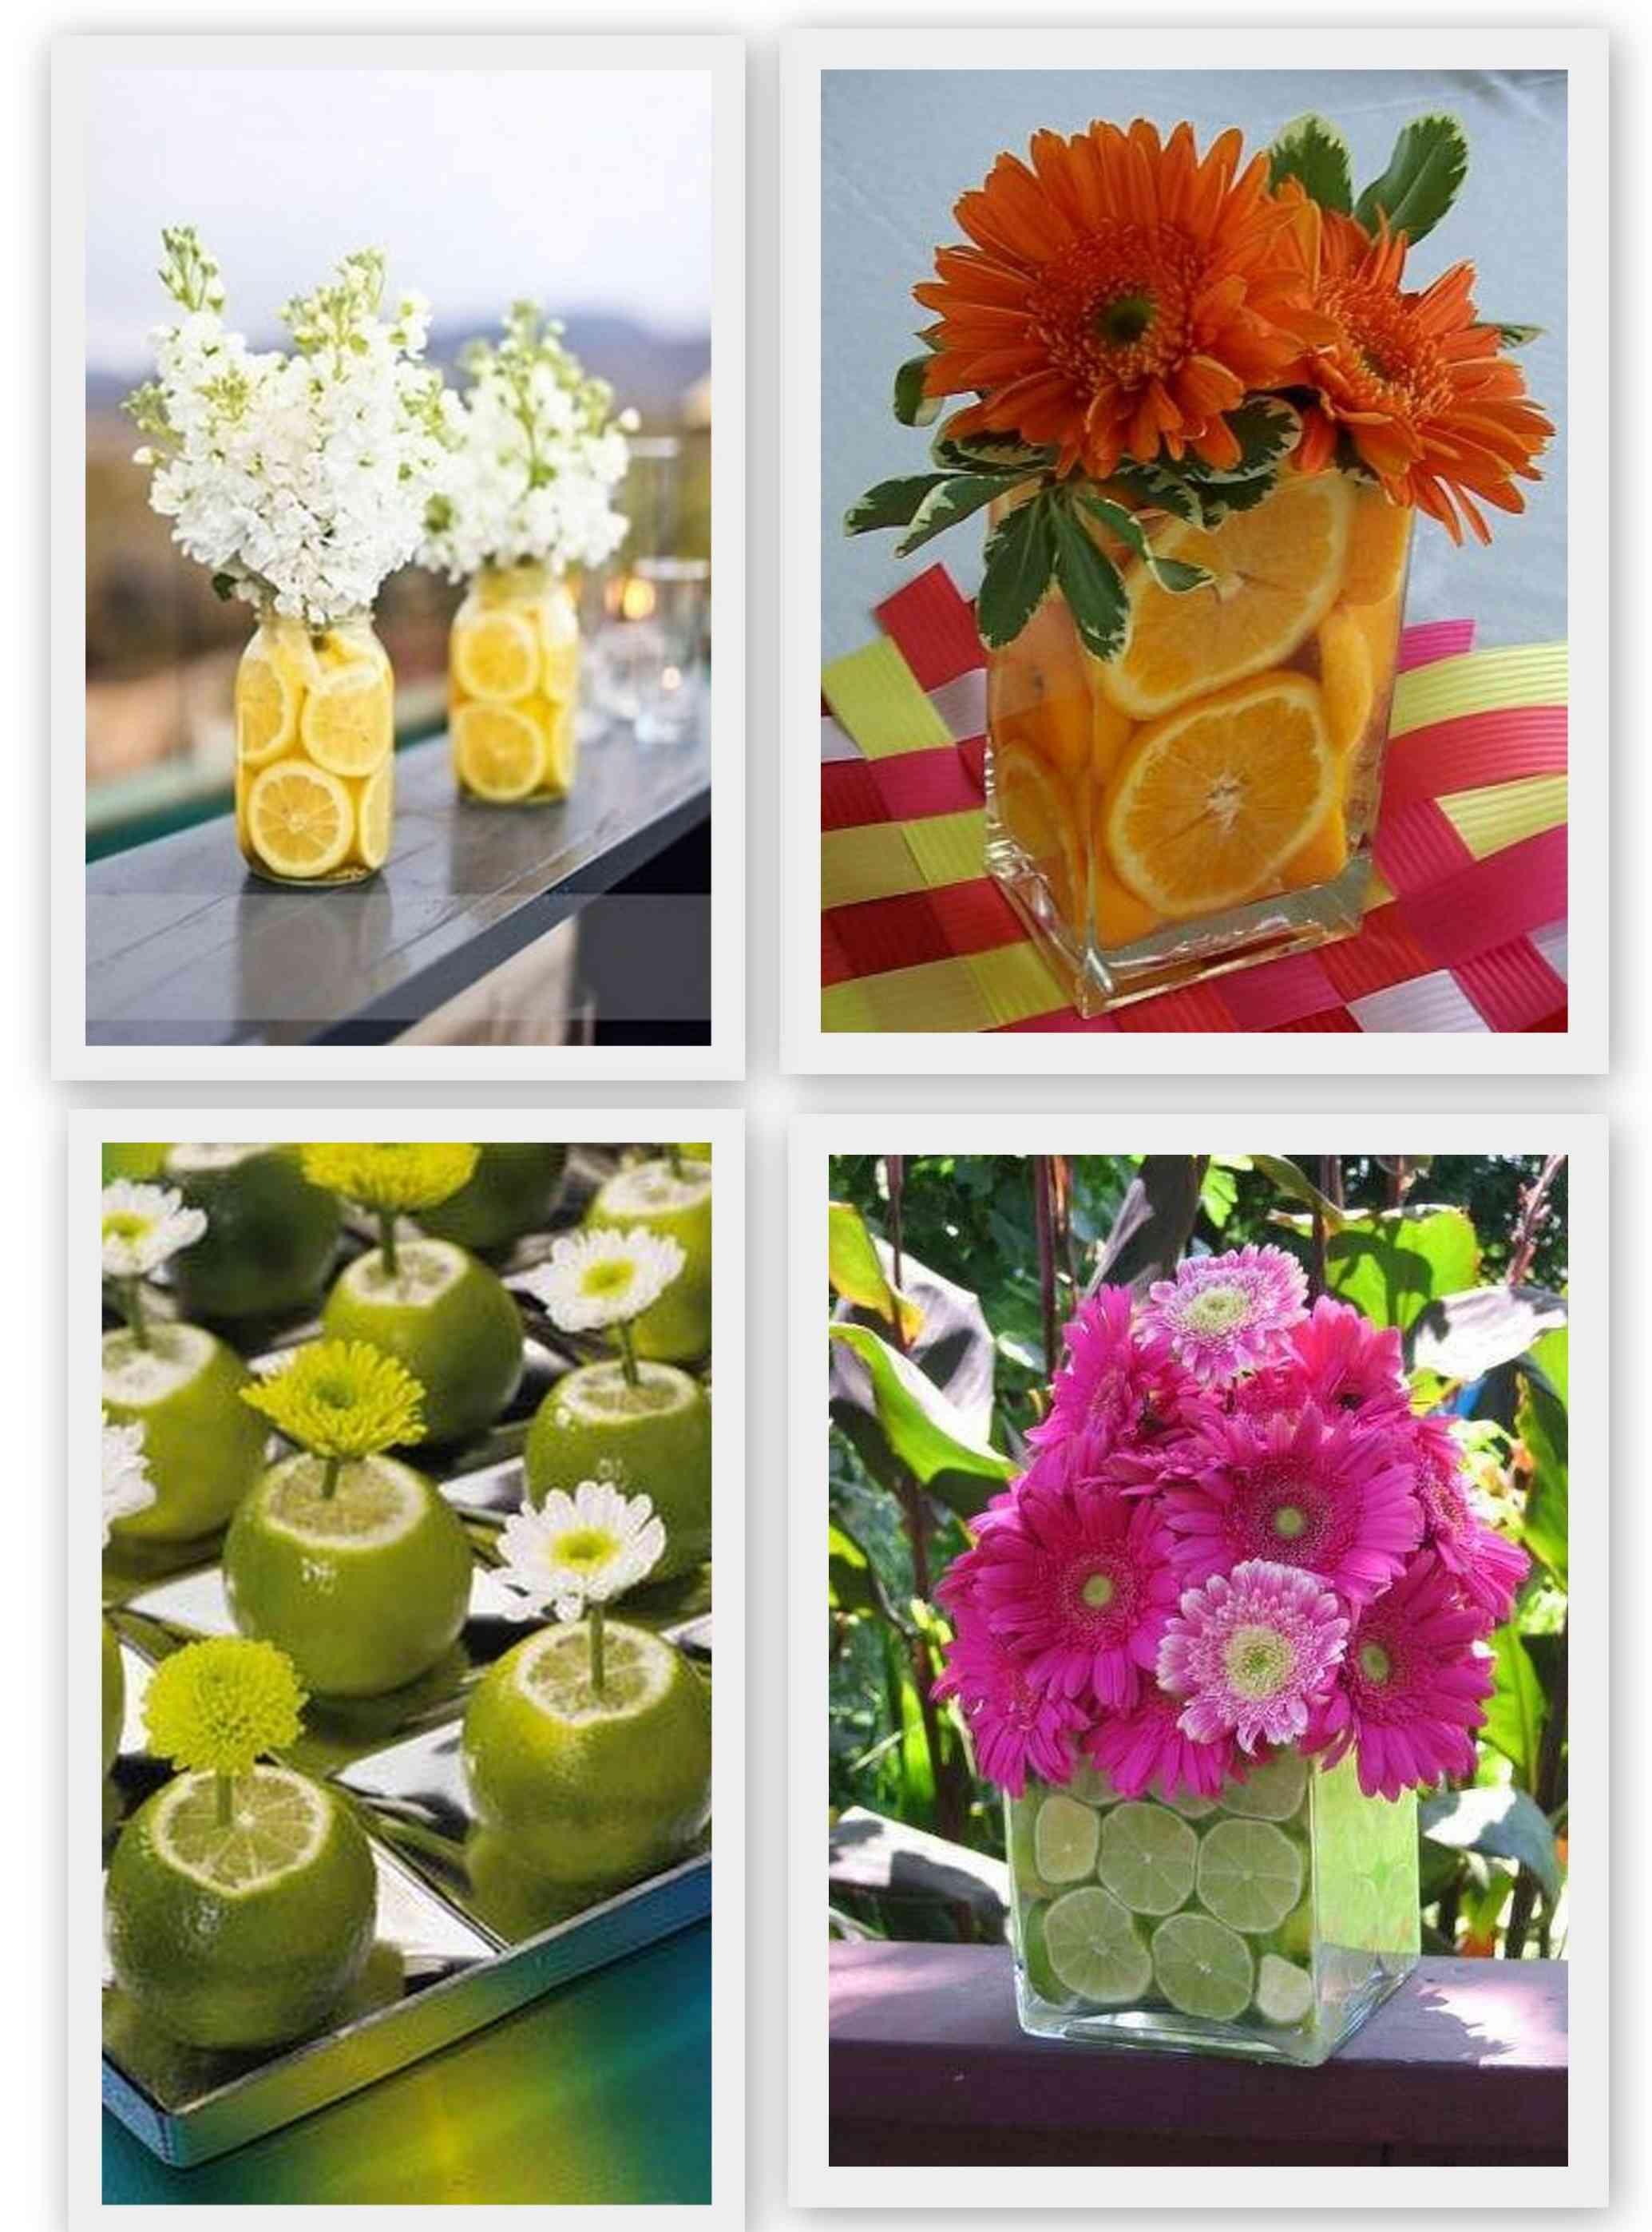 centro de mesa flores y frutas